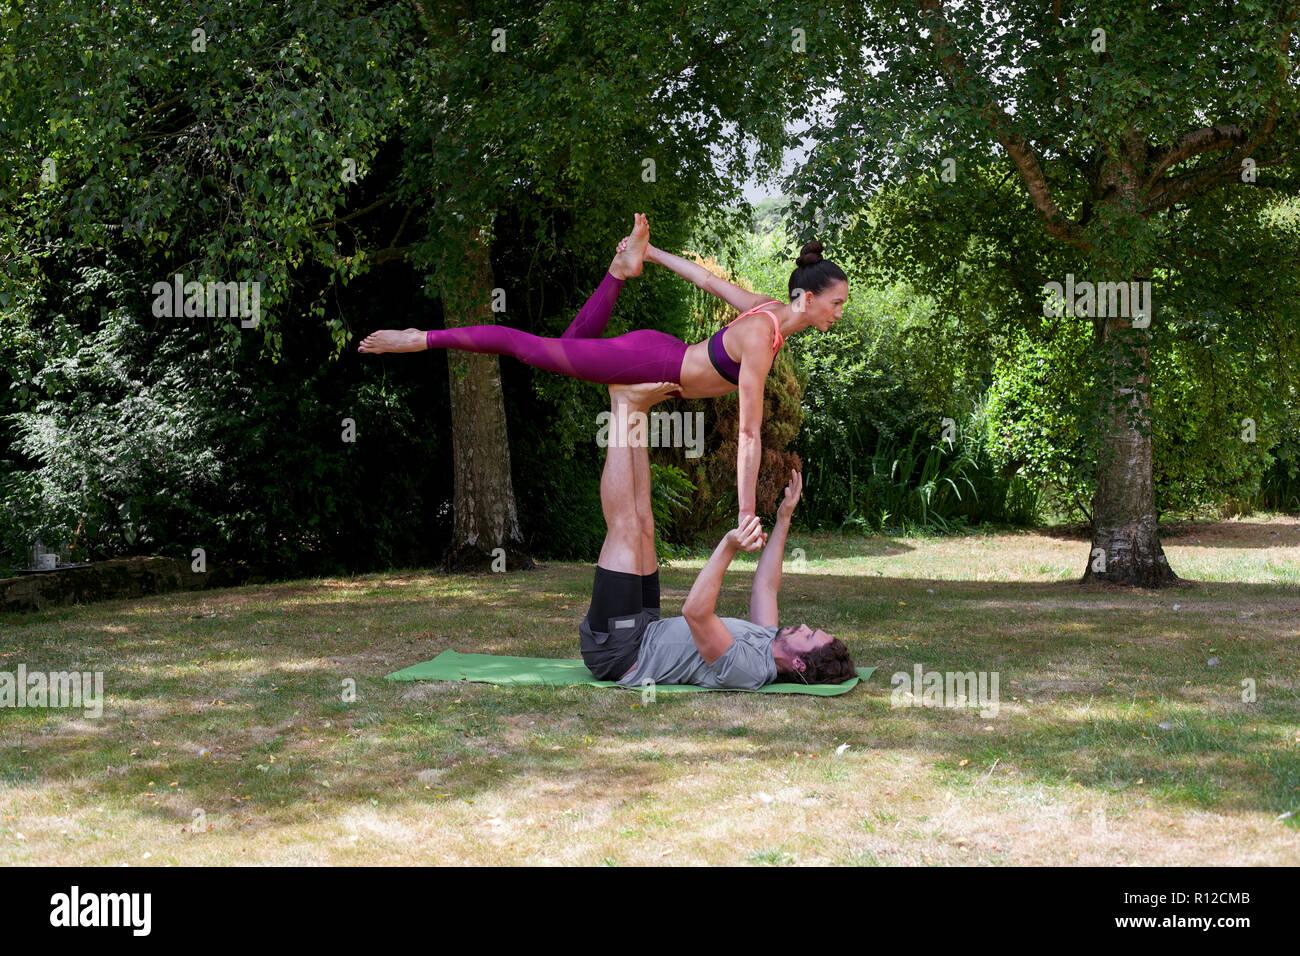 Young man practicing yoga in jardin, allongé sur le dos sur pieds femme d'équilibrage Banque D'Images